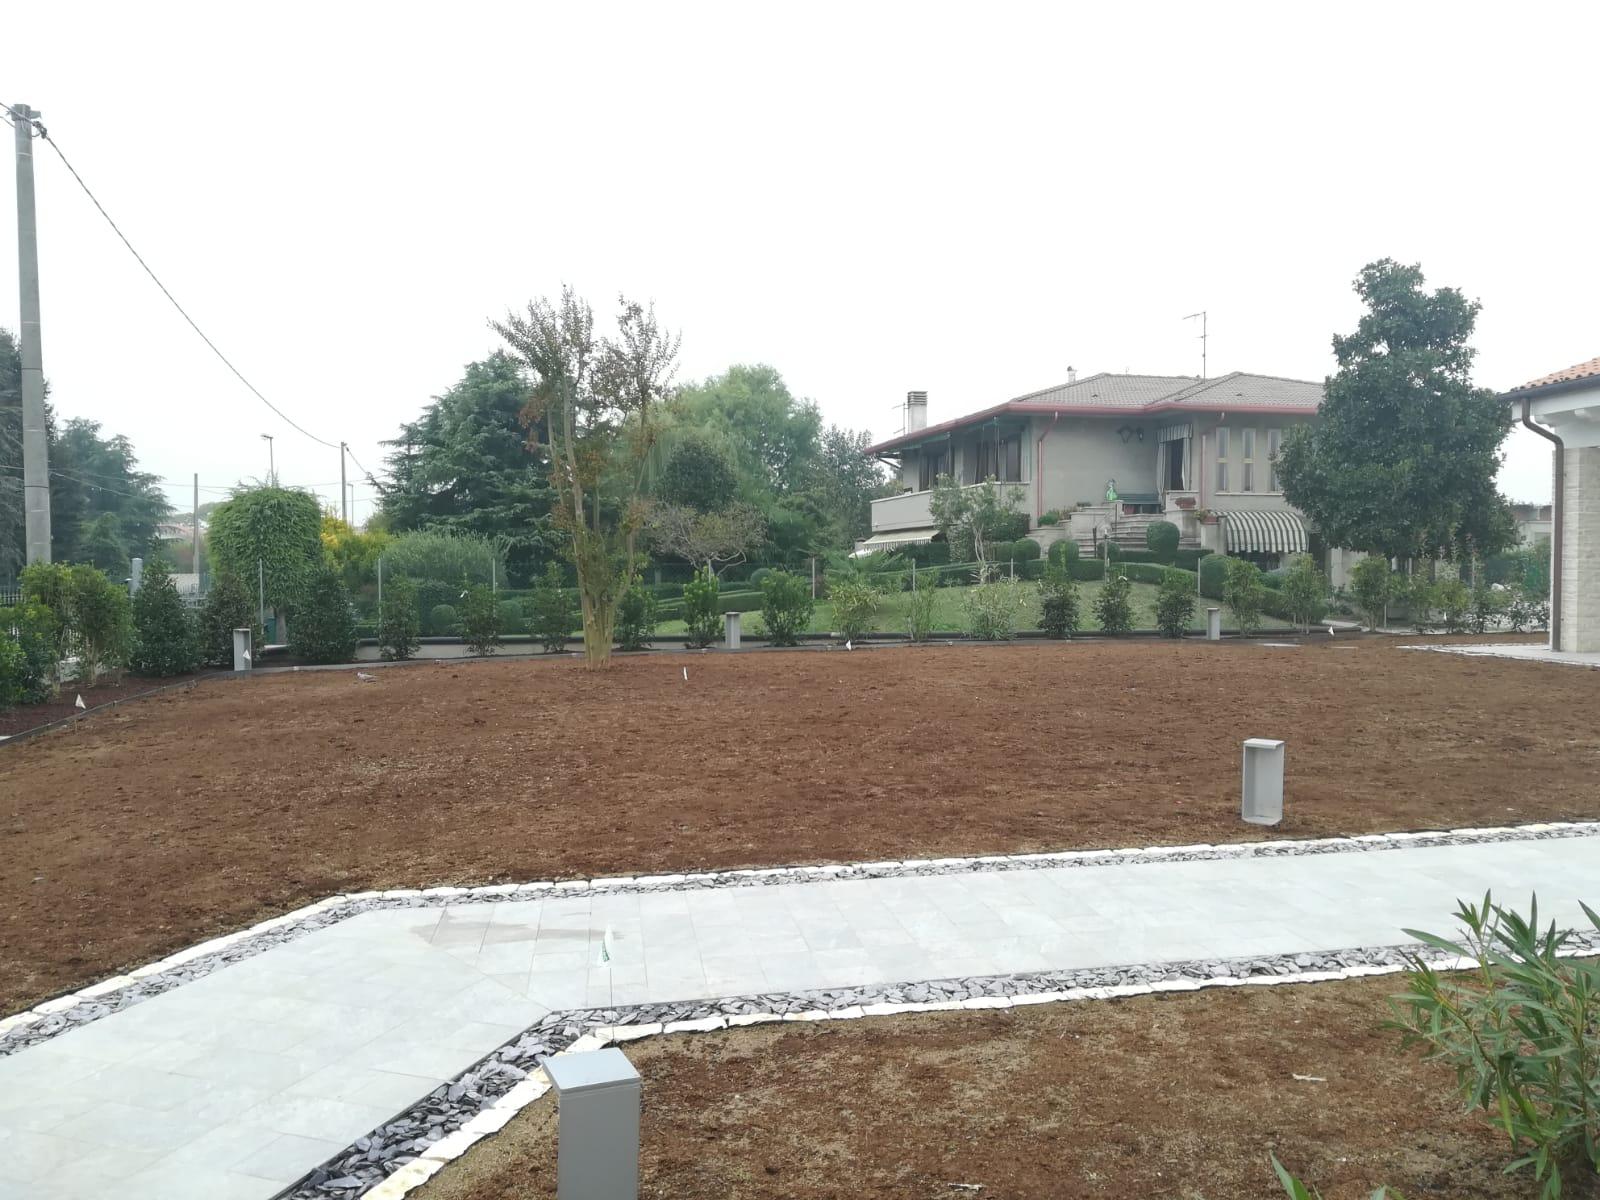 giardino destro villetta Vivai Pistore